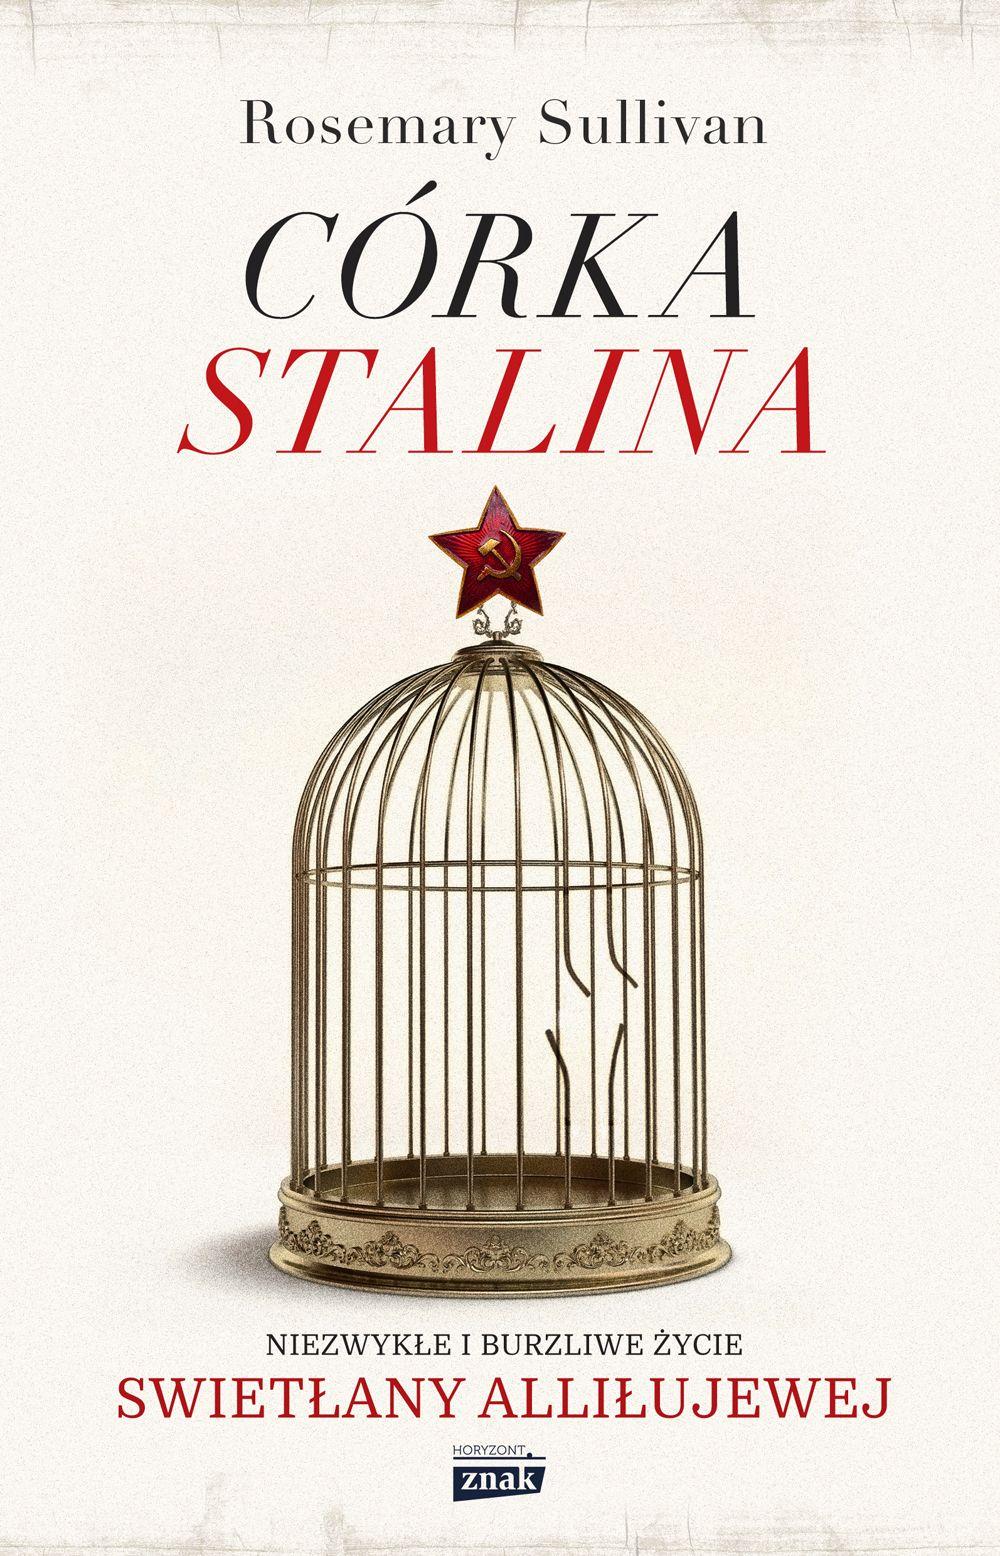 """Nagrodami w konkursie są trzy egzemplarze książki Rosemary Sullivan, zatytułowanej """"Córka Stalina. Niezwykłe i burzliwe życie Swietłany Alliłujewej"""" (Znak Horyzont 2017)."""